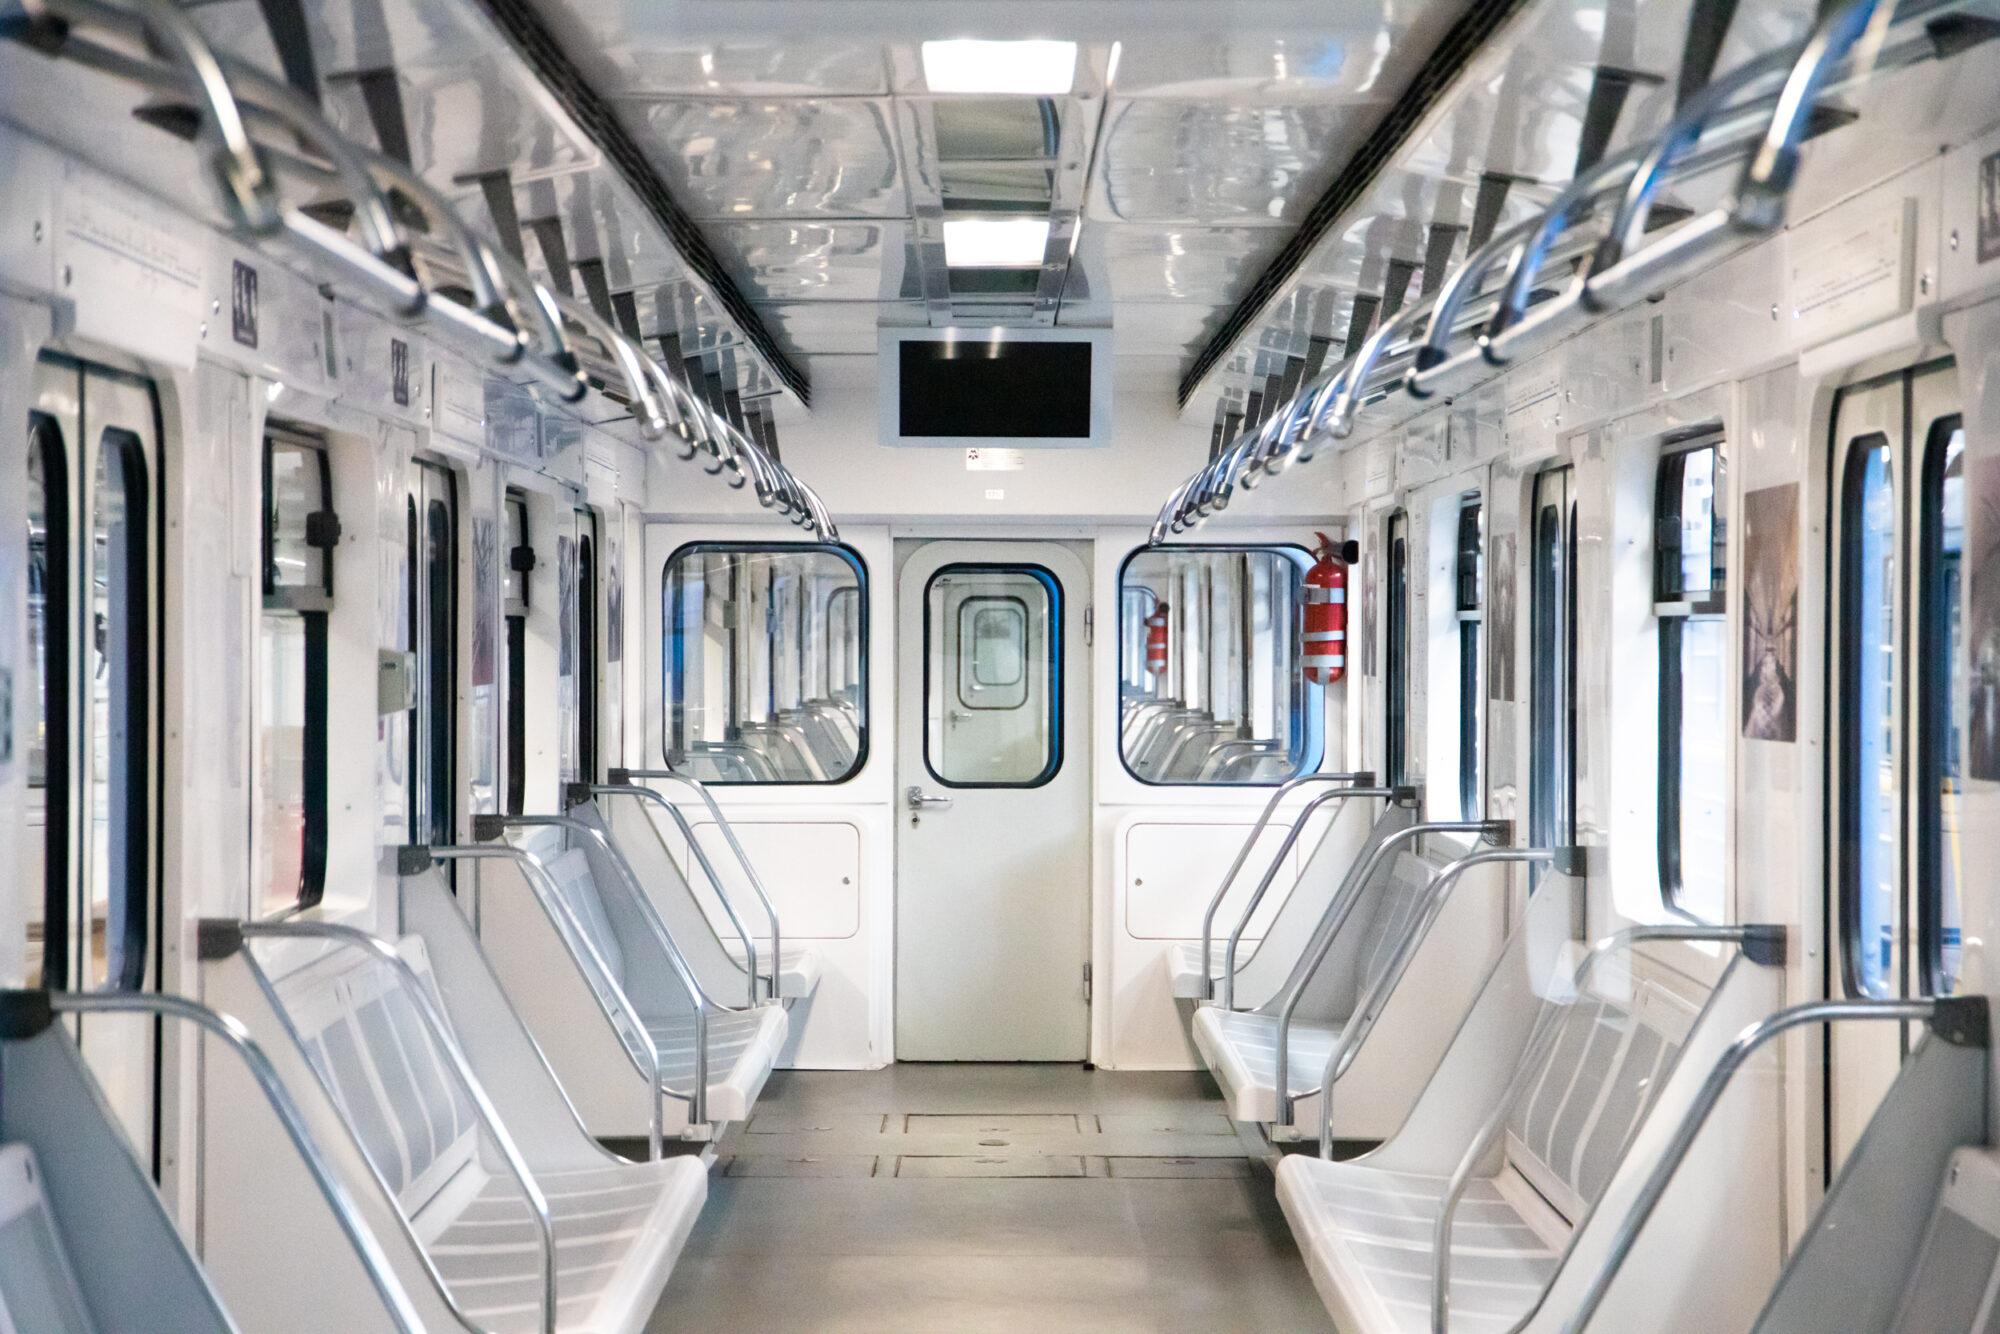 Київський метрополітен відремонтував 5 вагонів за 35 млн грн - Ремонт, метрополітен, вагони - imgbig 5 1 2000x1334